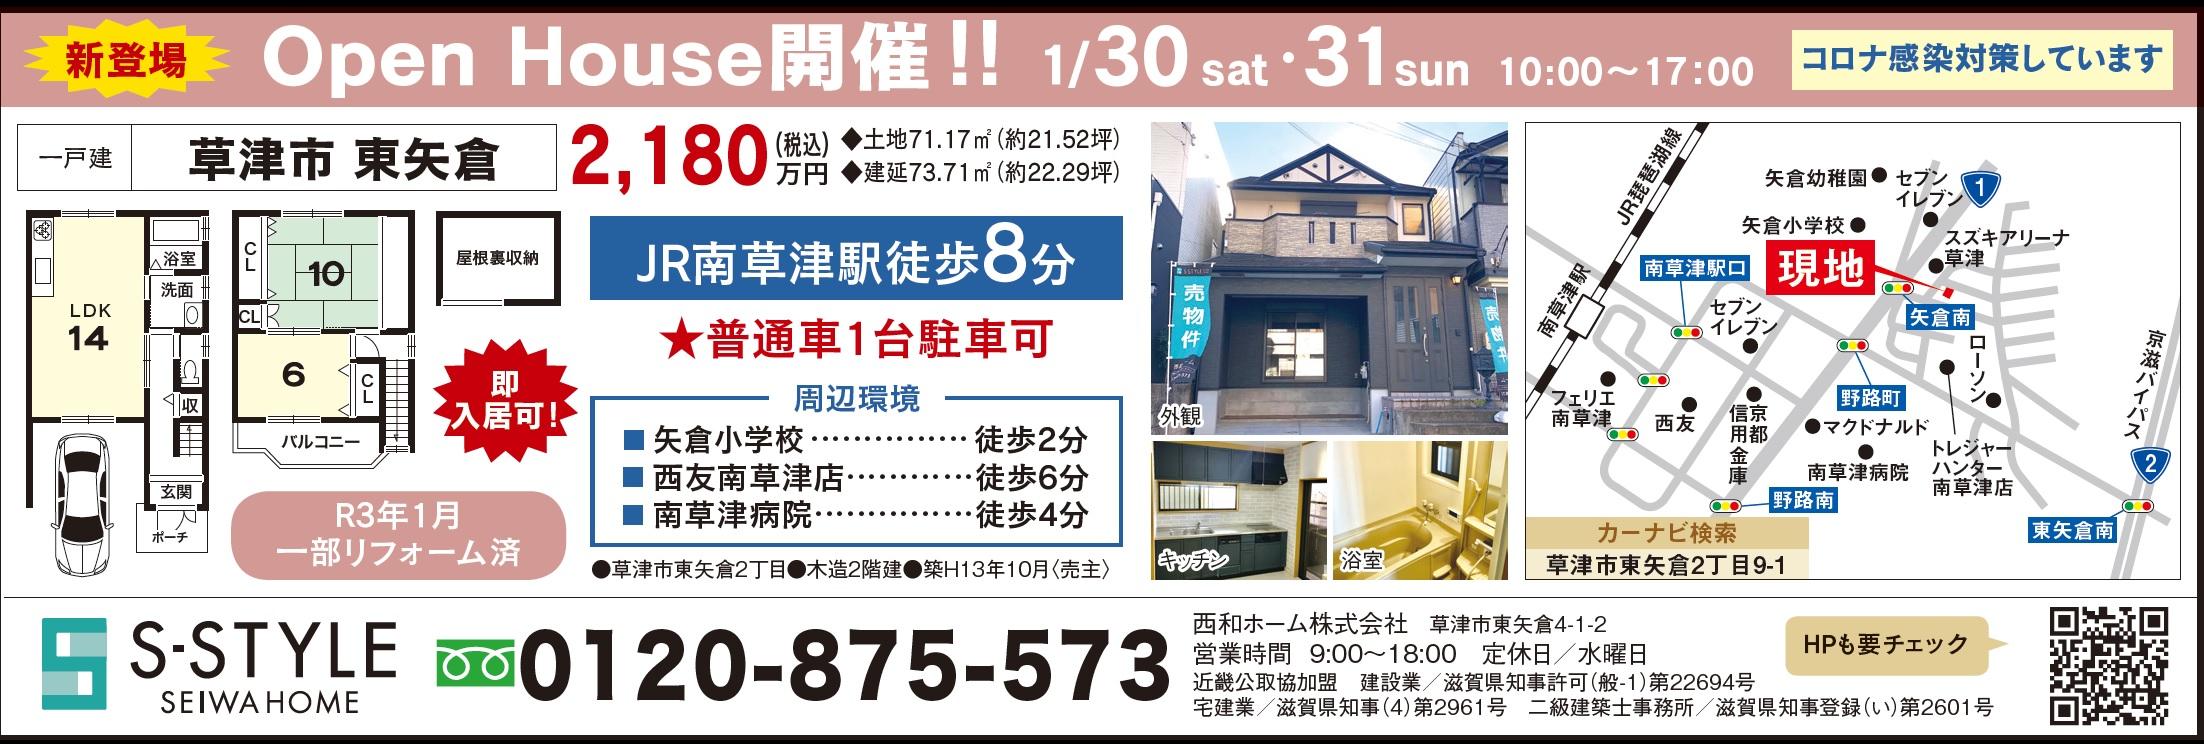 JR南草津駅徒歩8分の中古戸建 オープンハウス開催♪